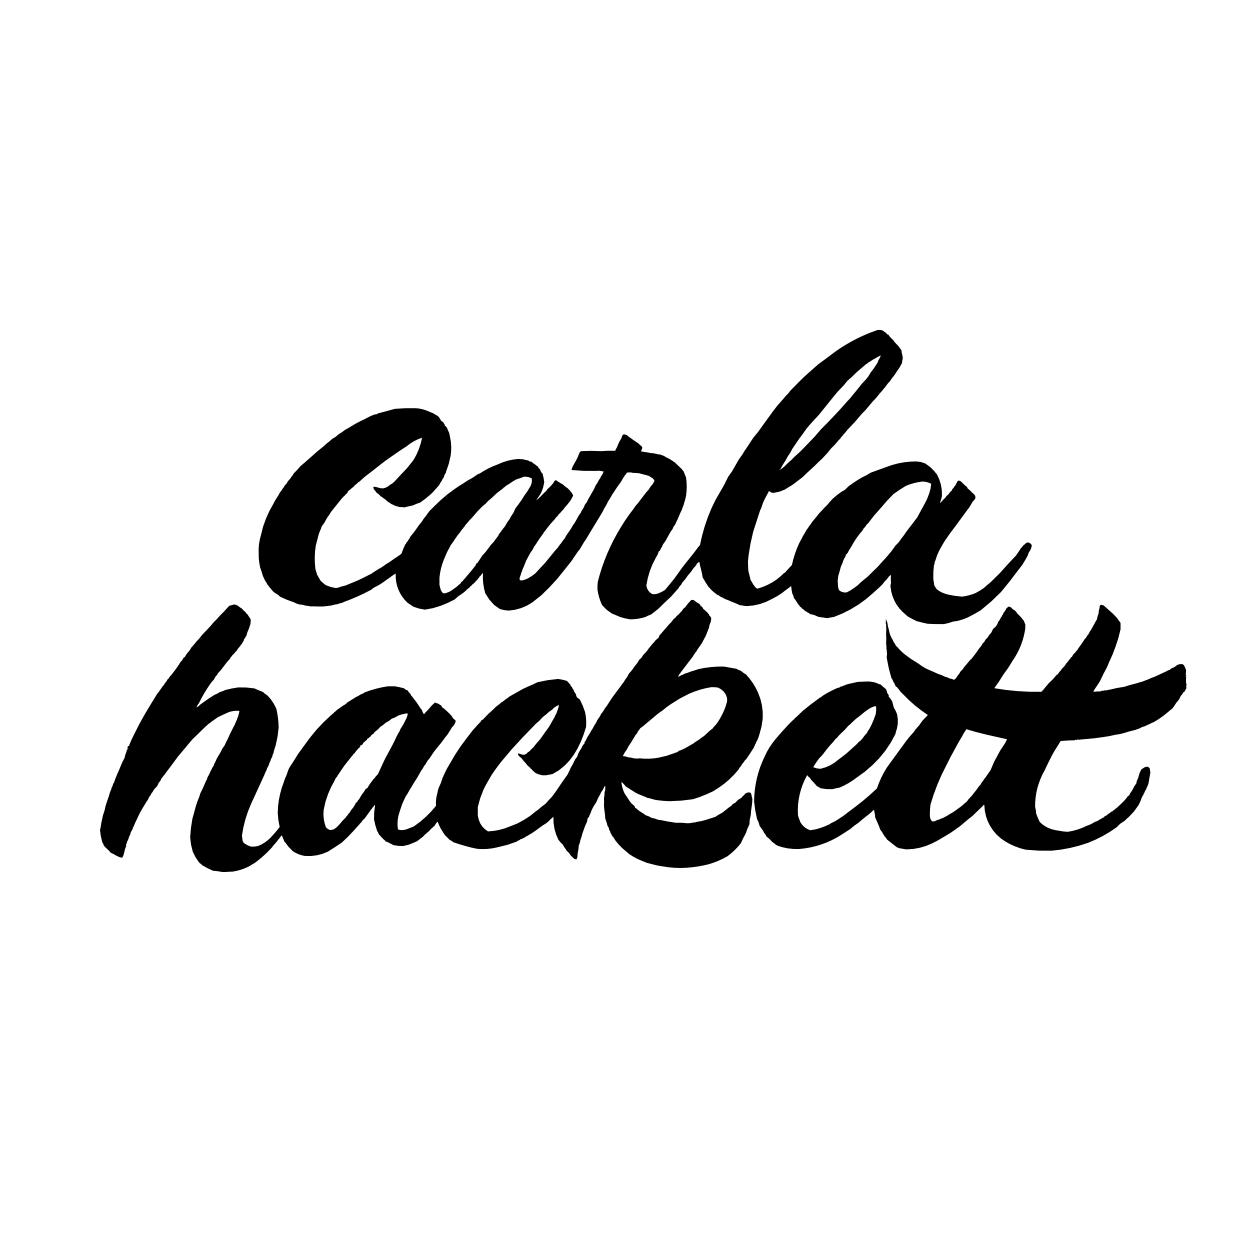 Carla Hackett